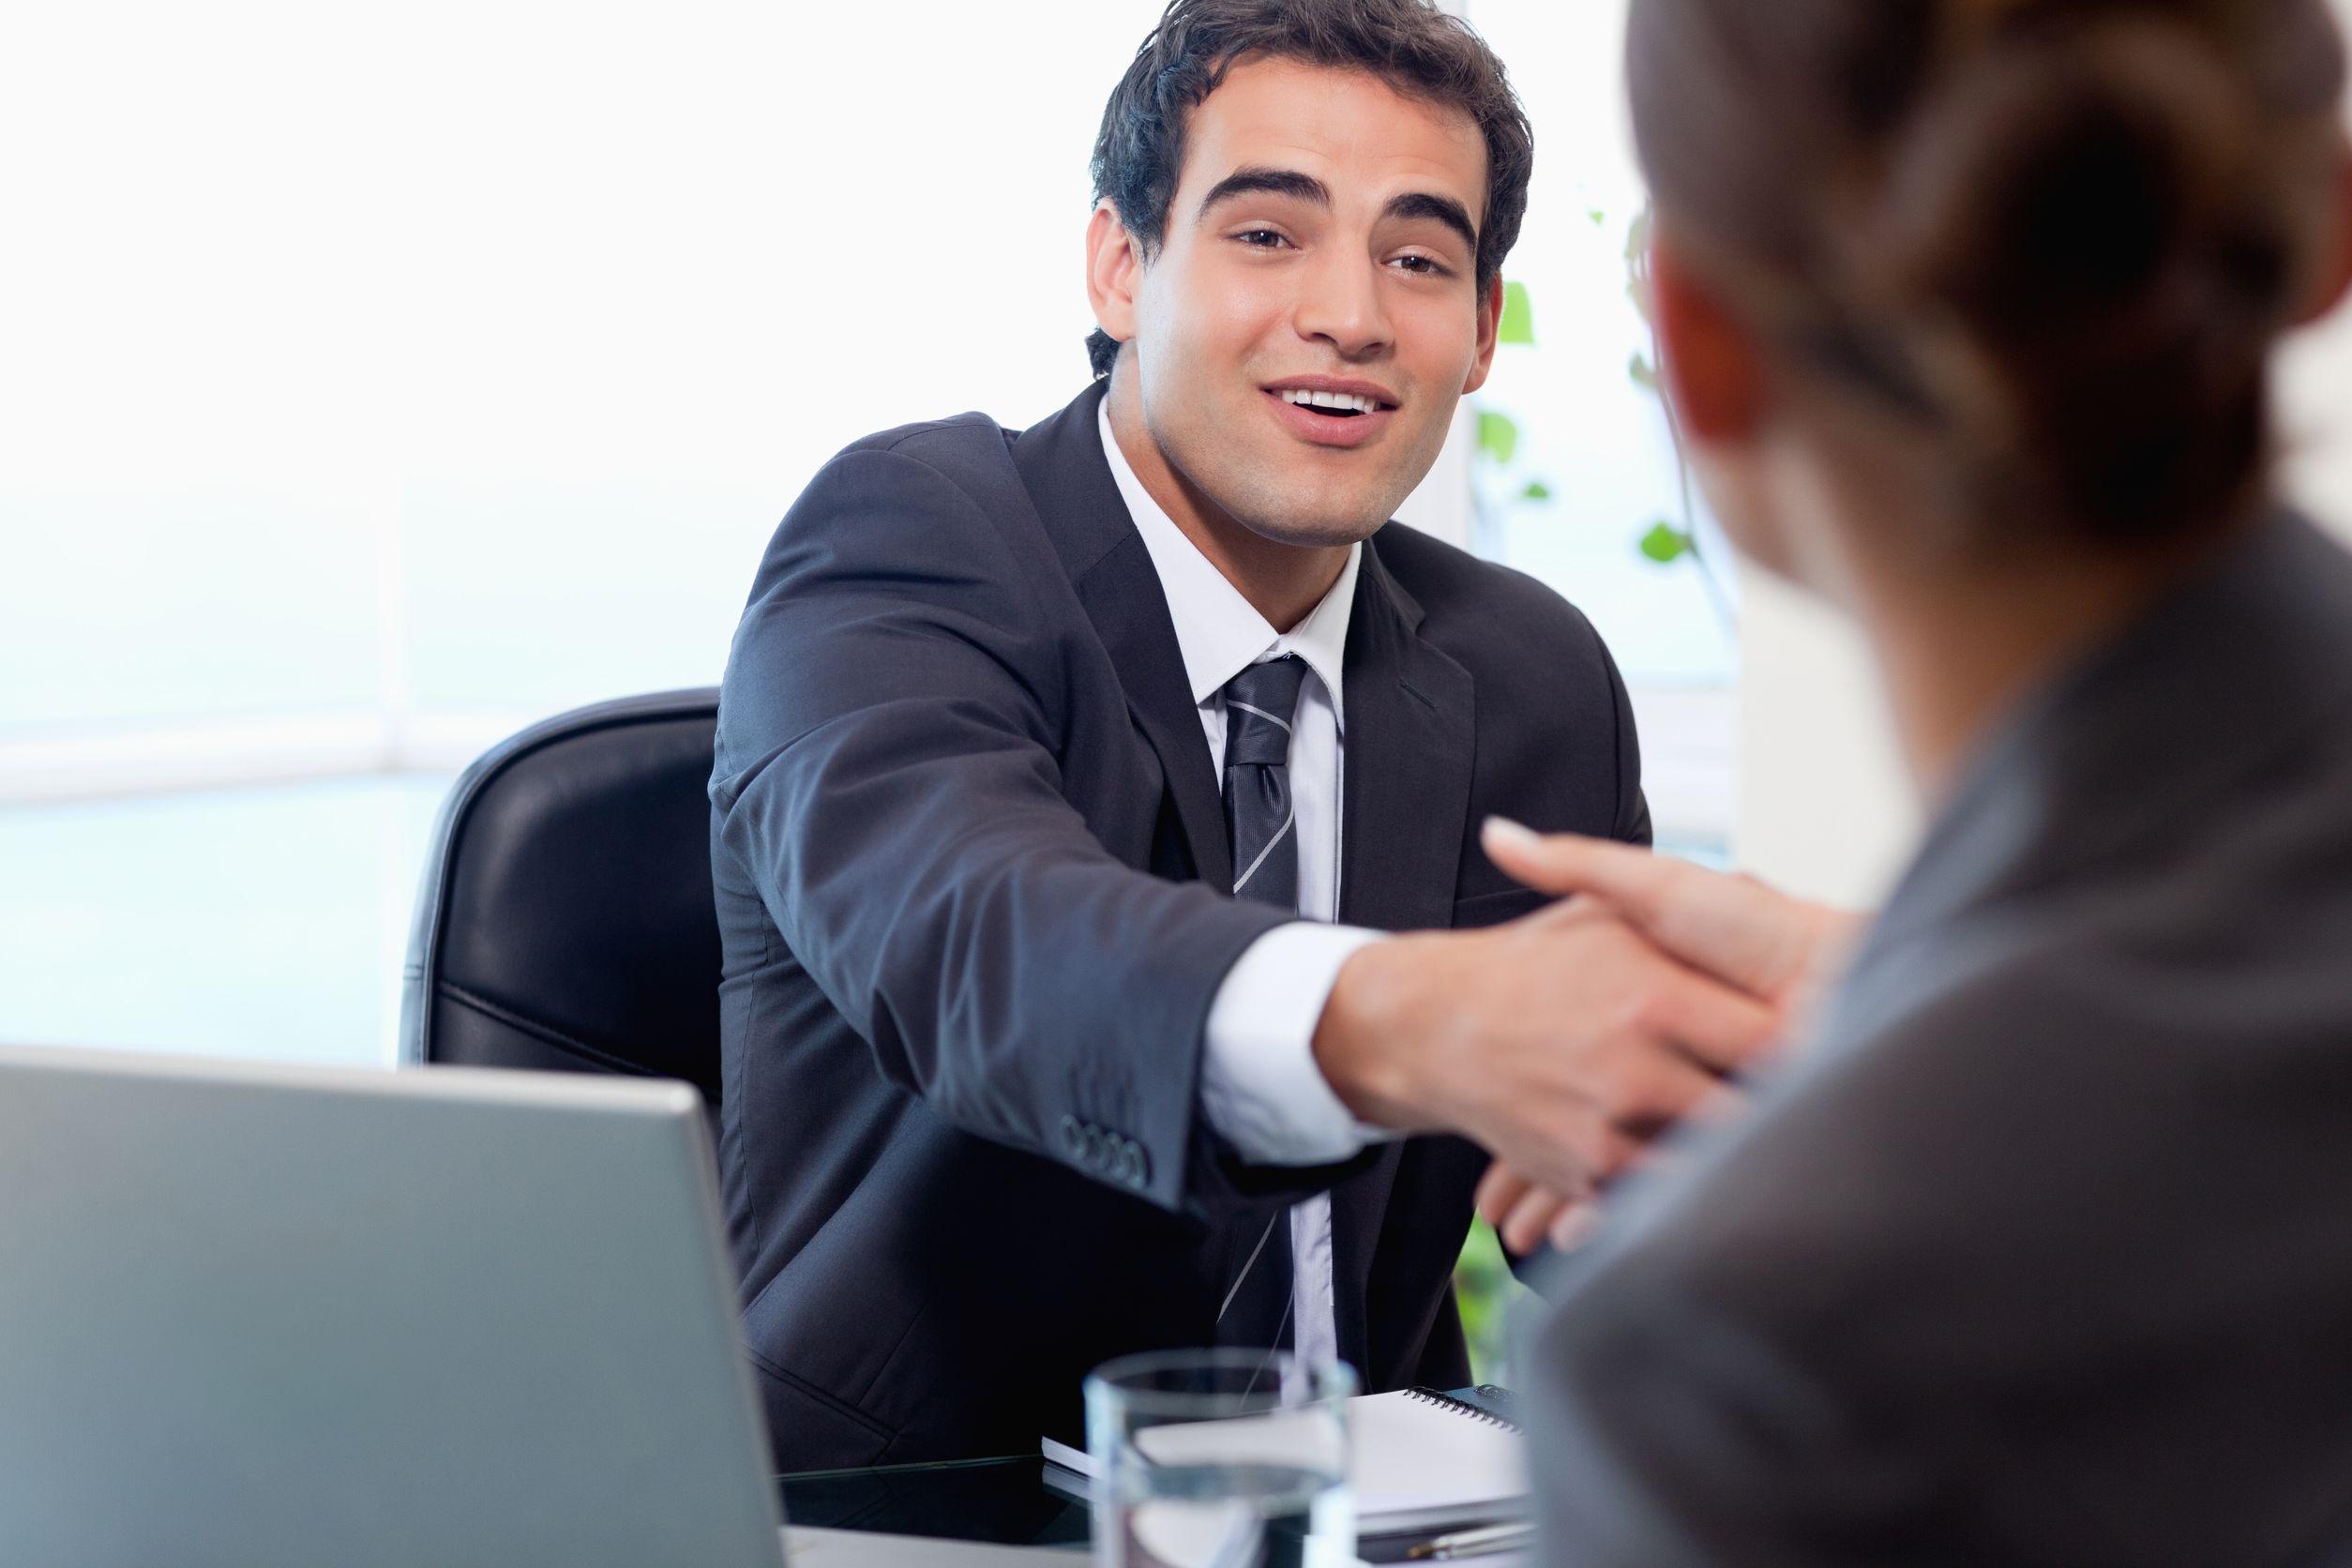 中退の印象もポジティブに。人事に伝わる履歴書の「学歴の書き方」とは? 1番目の画像